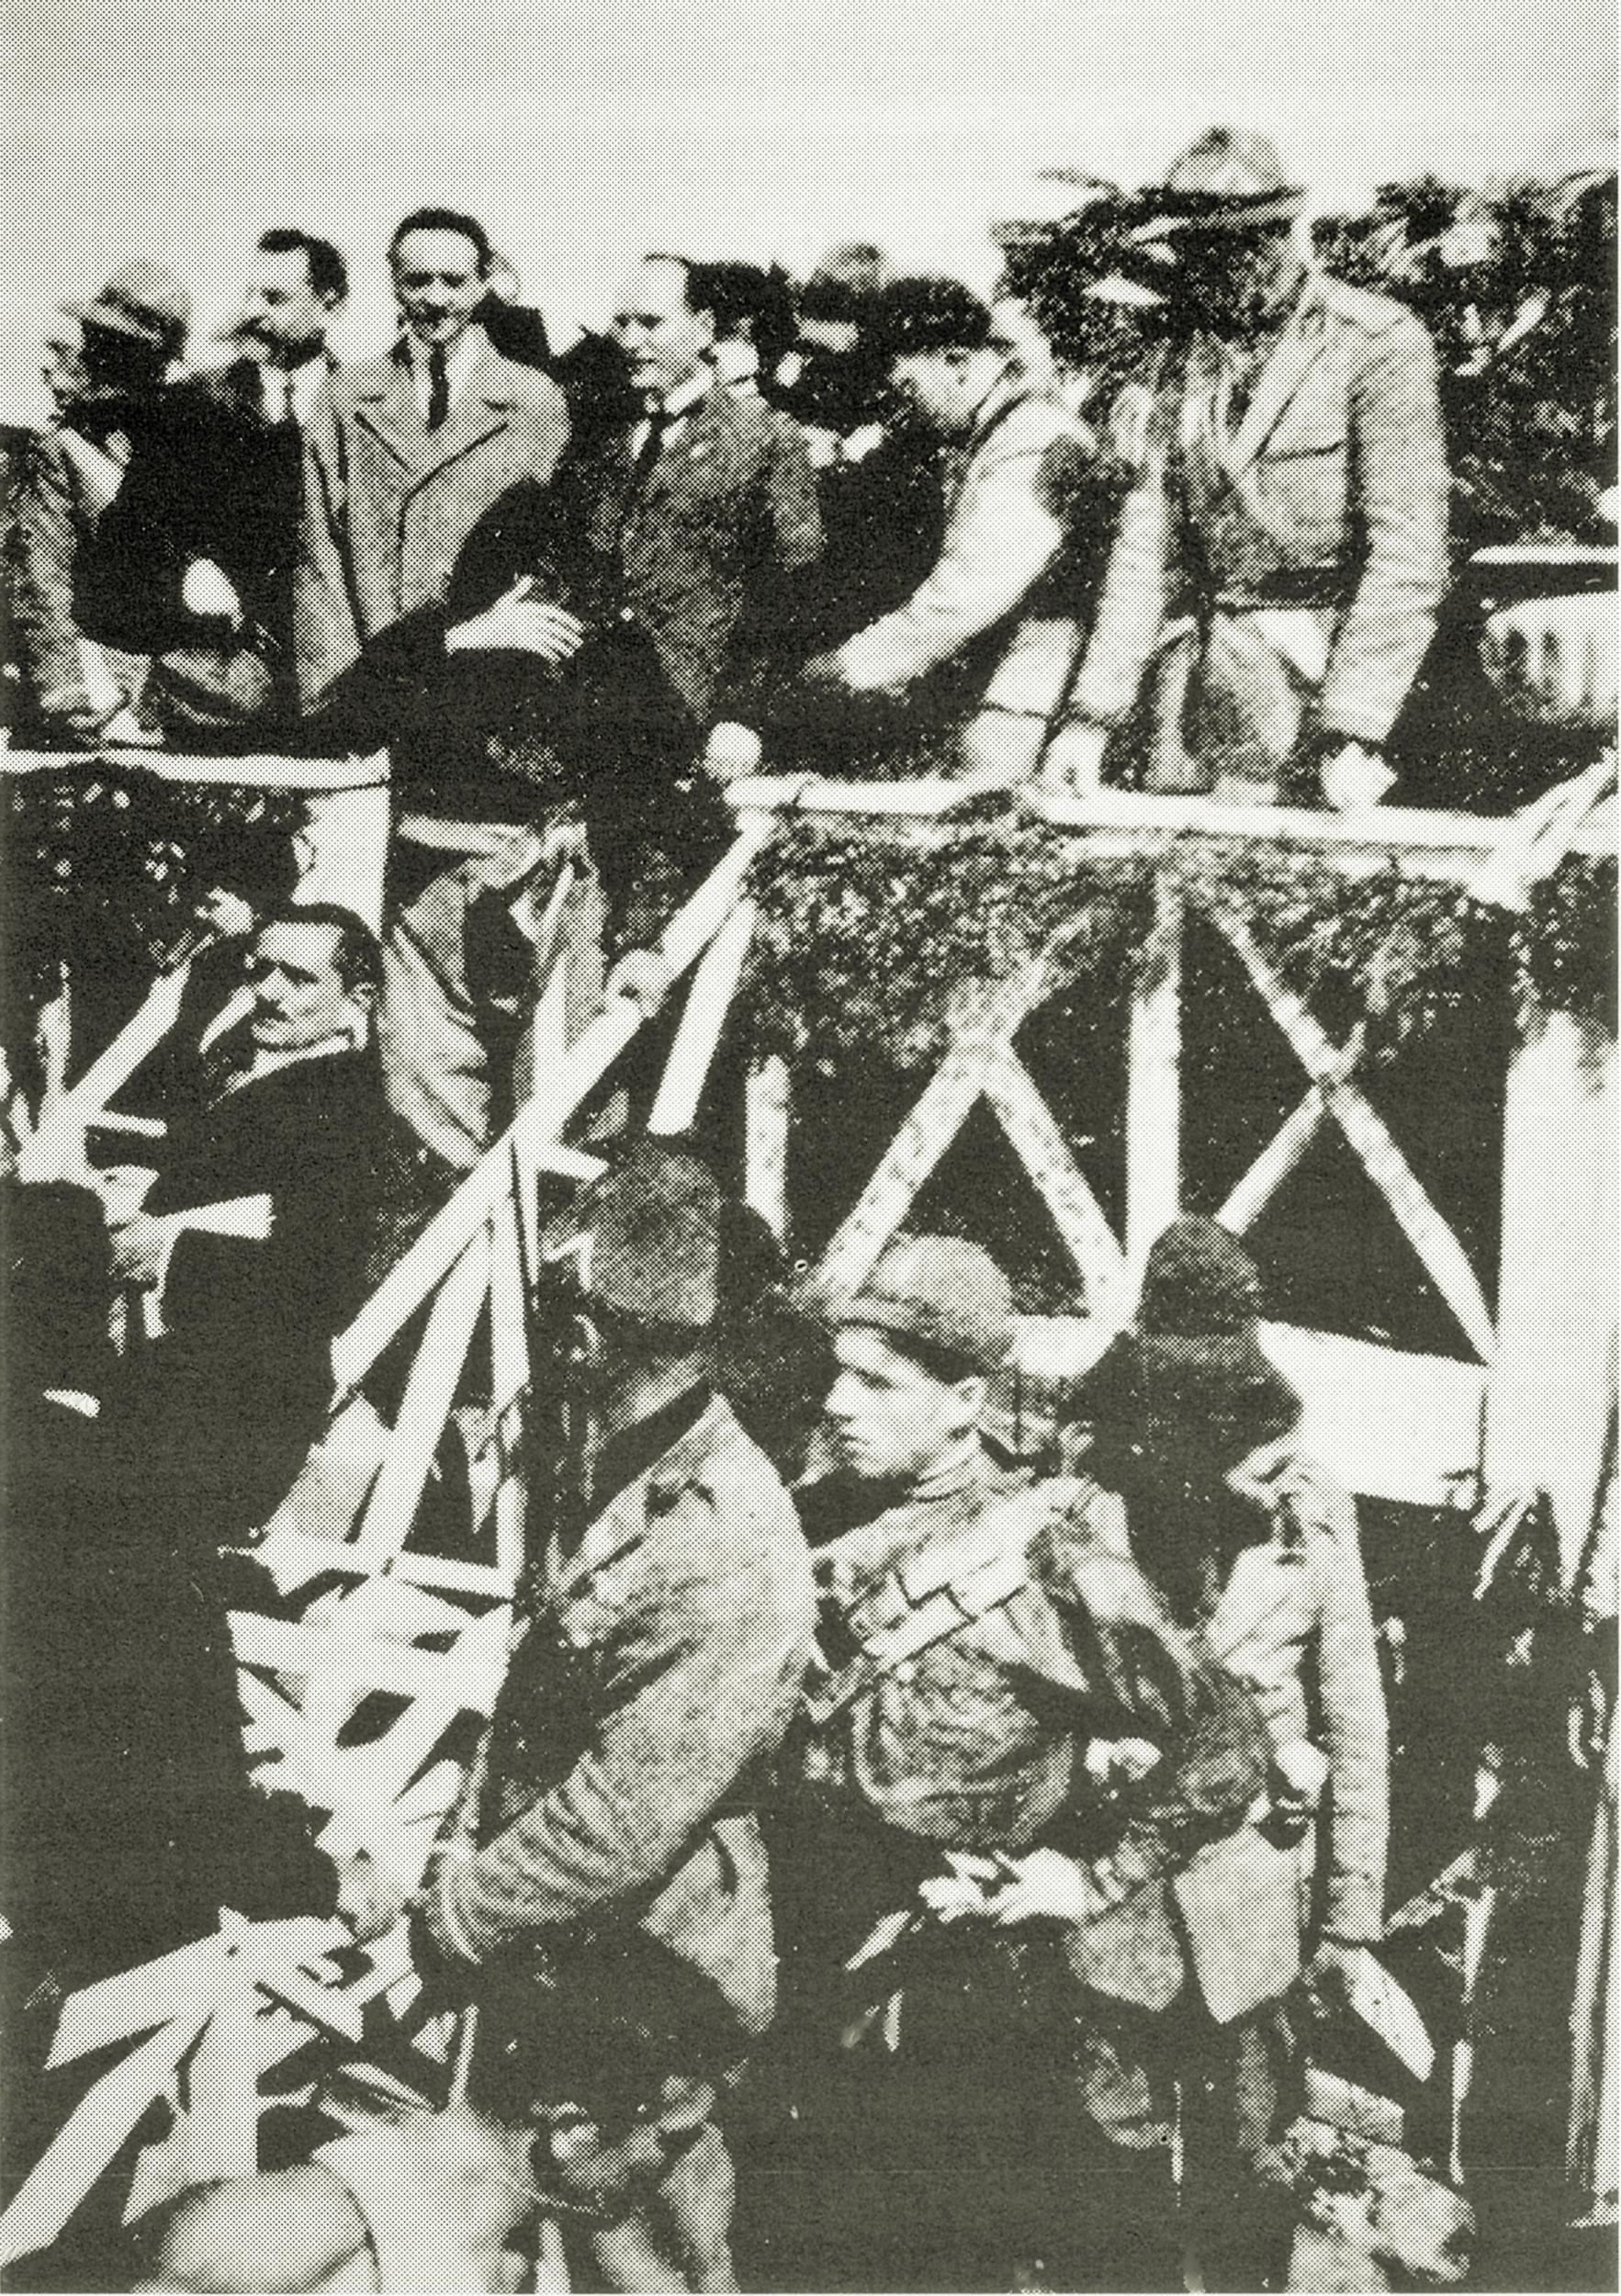 Mussolini all'inaugurazione della Conca di navigazione di Battaglia, 1923.